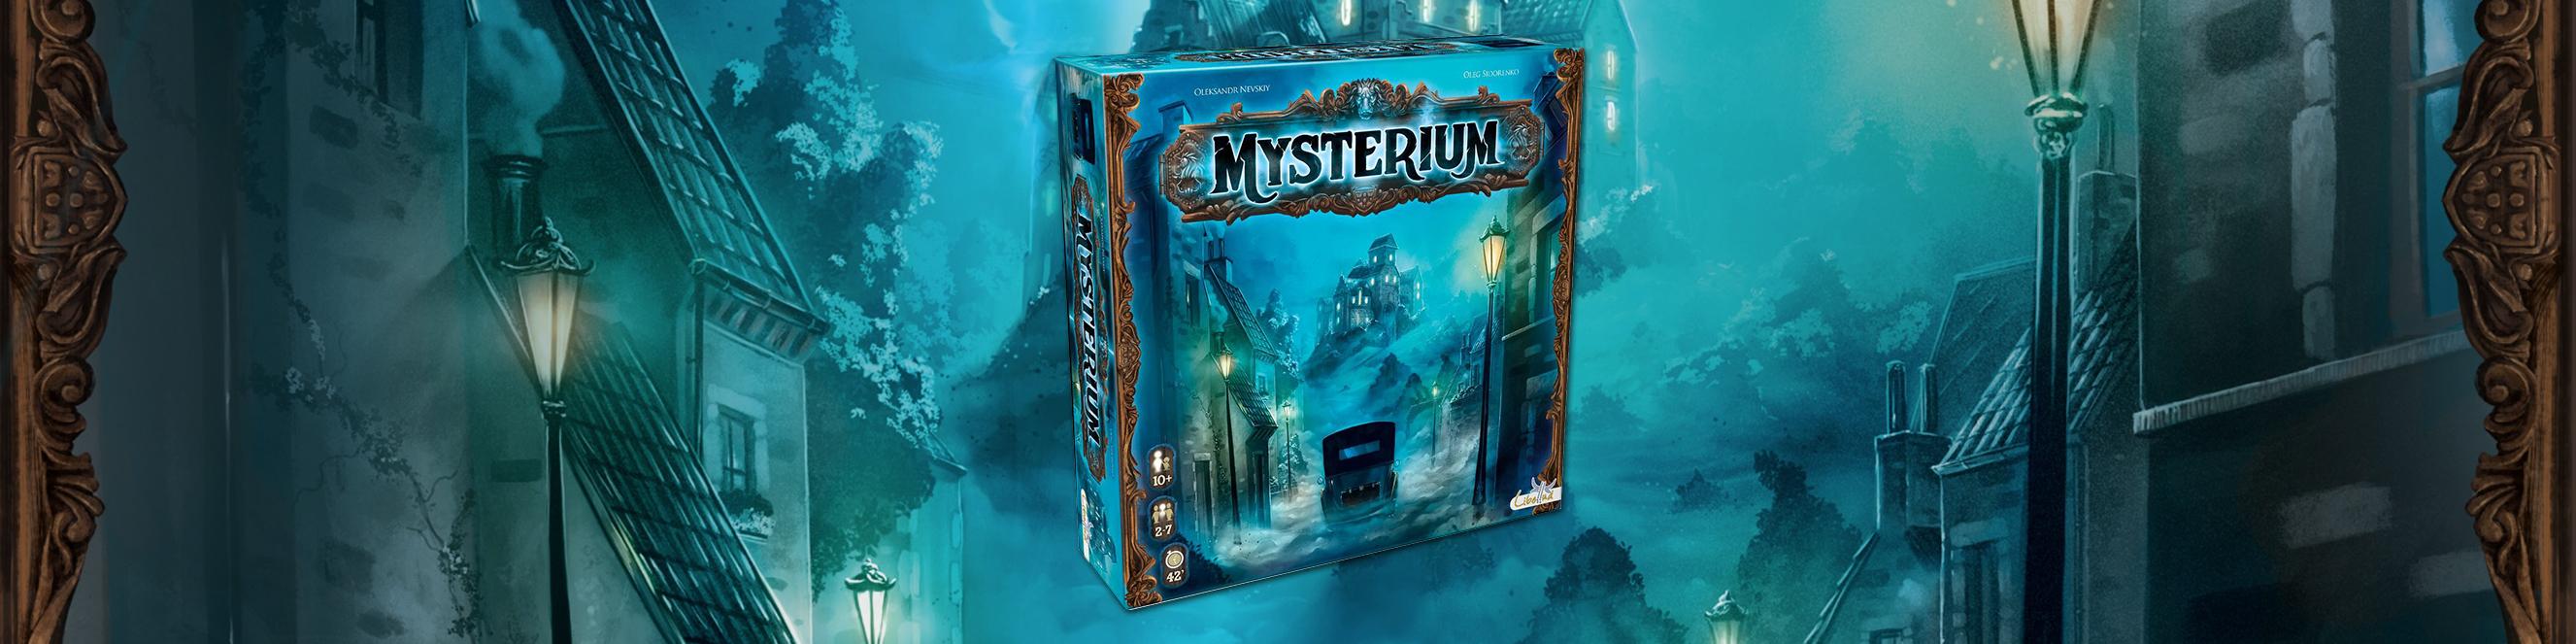 Mysteriumthin